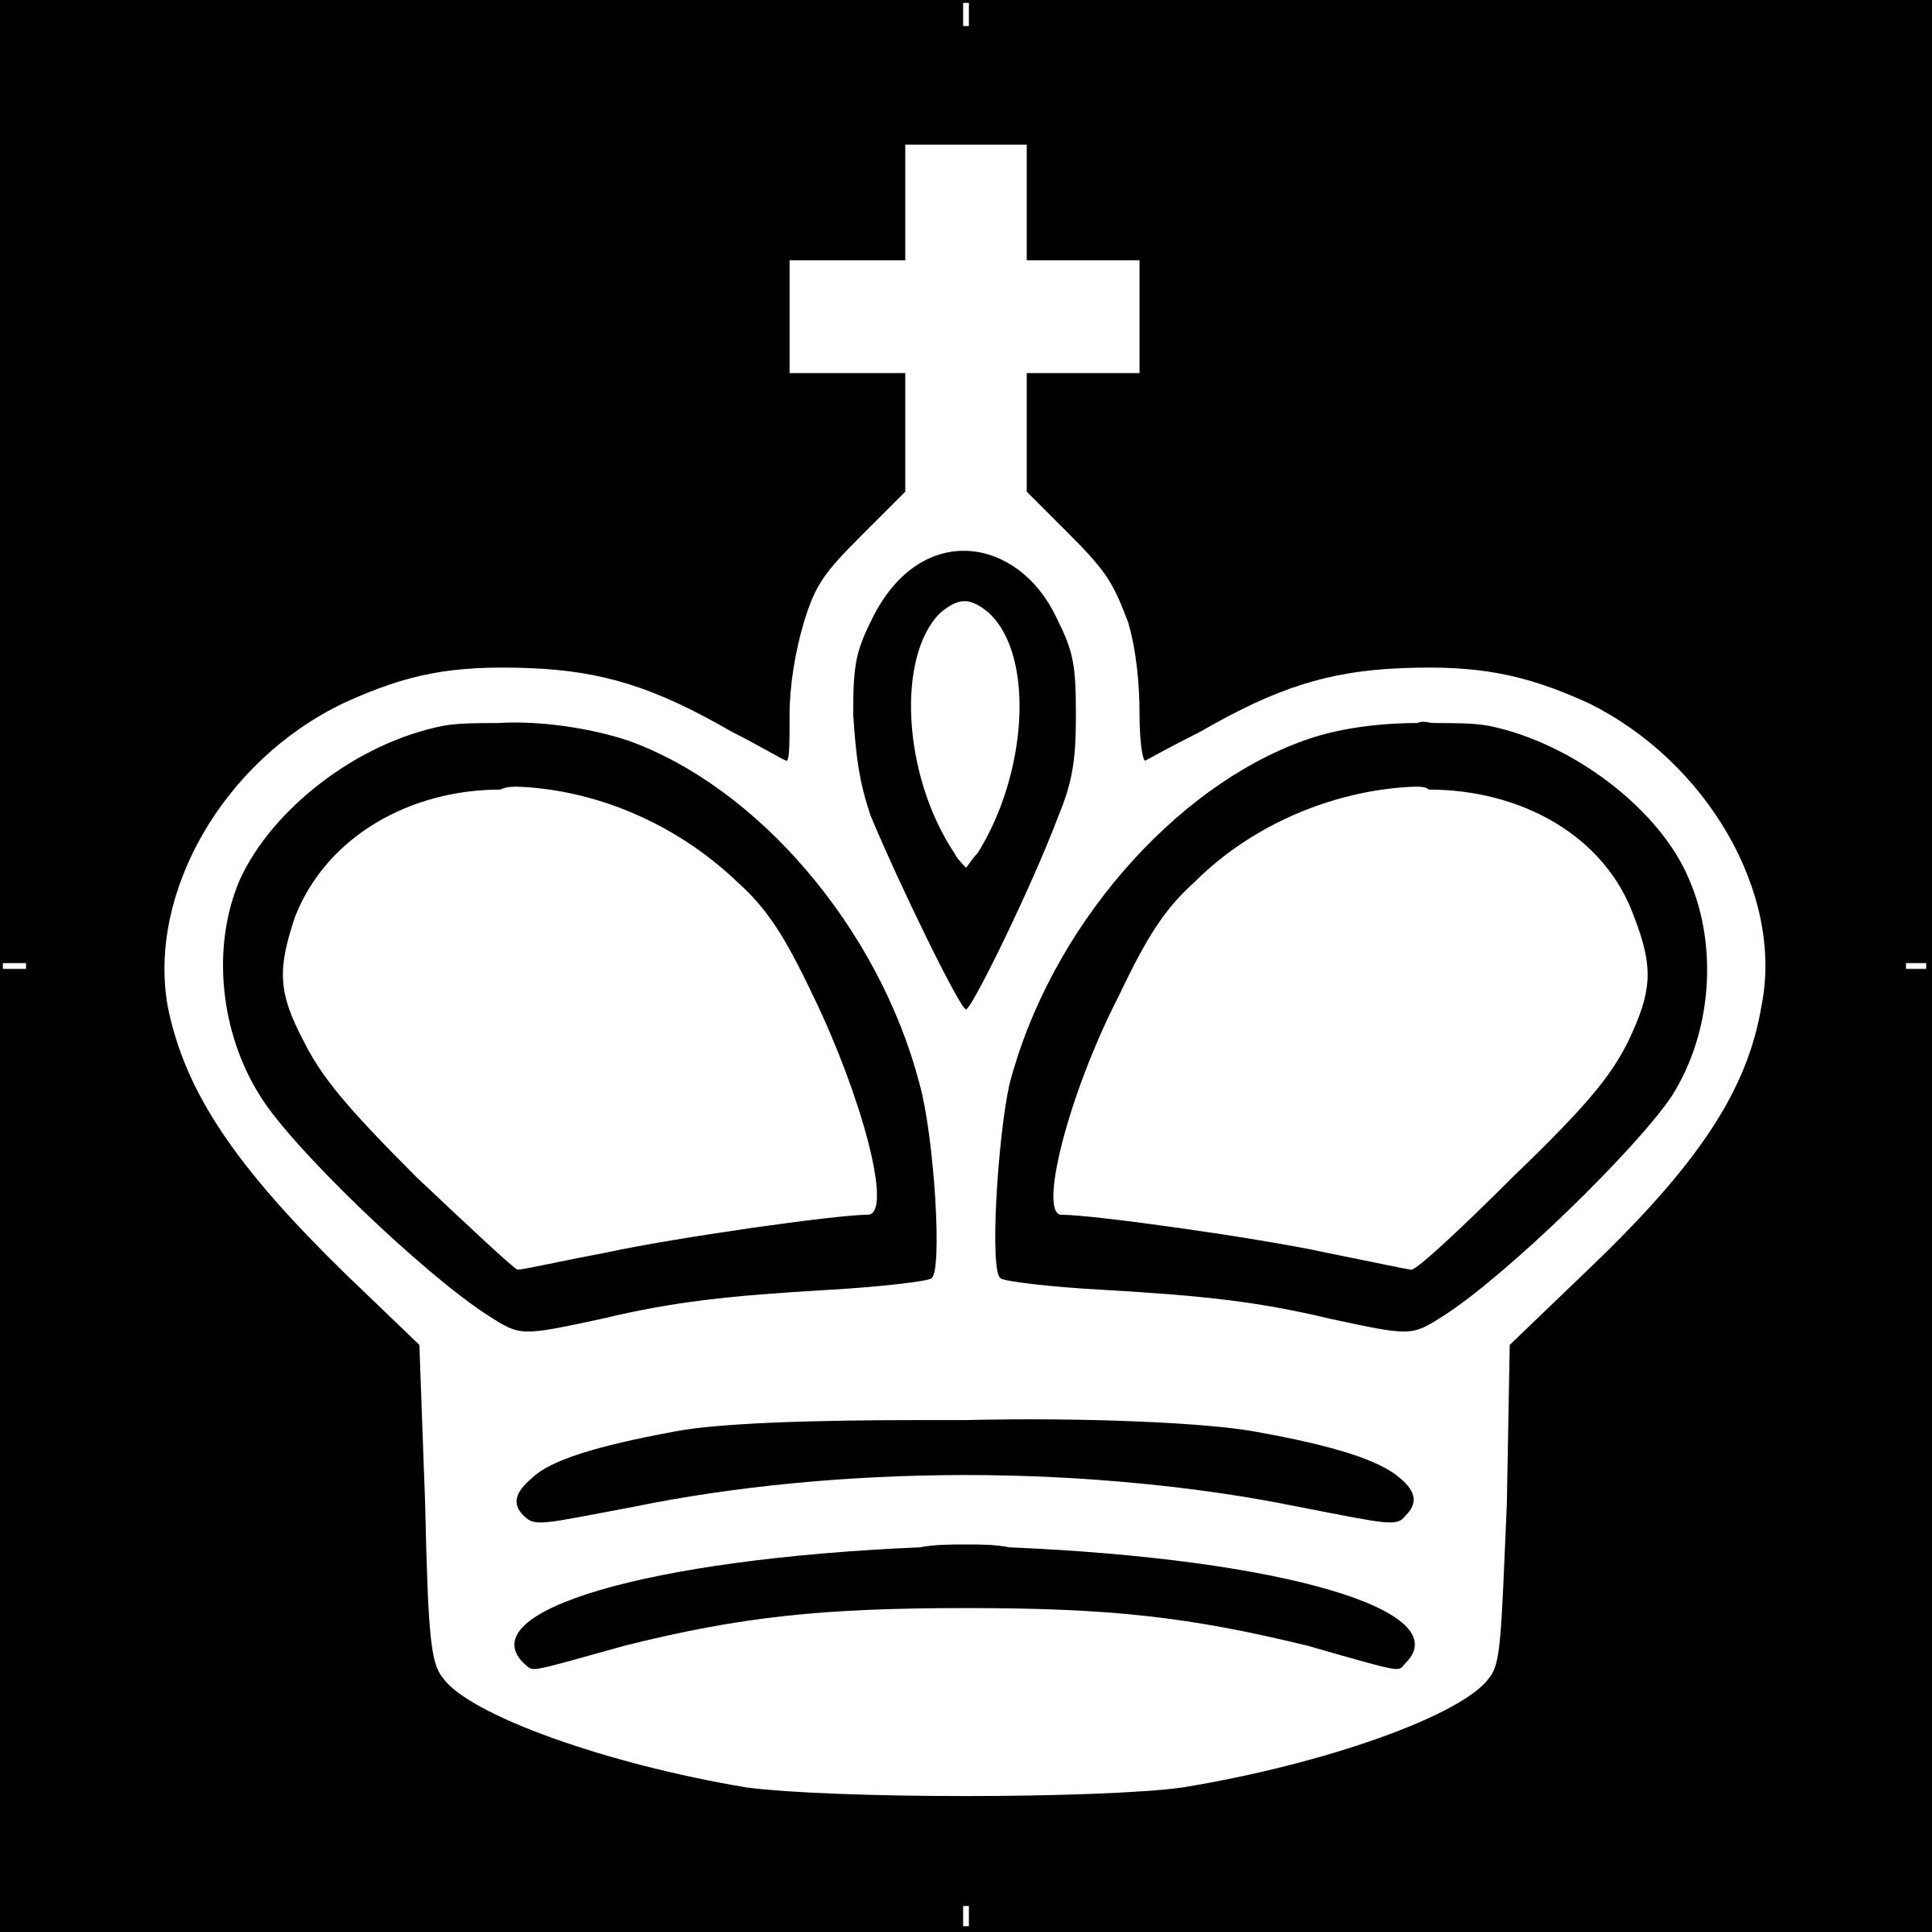 King Symbol